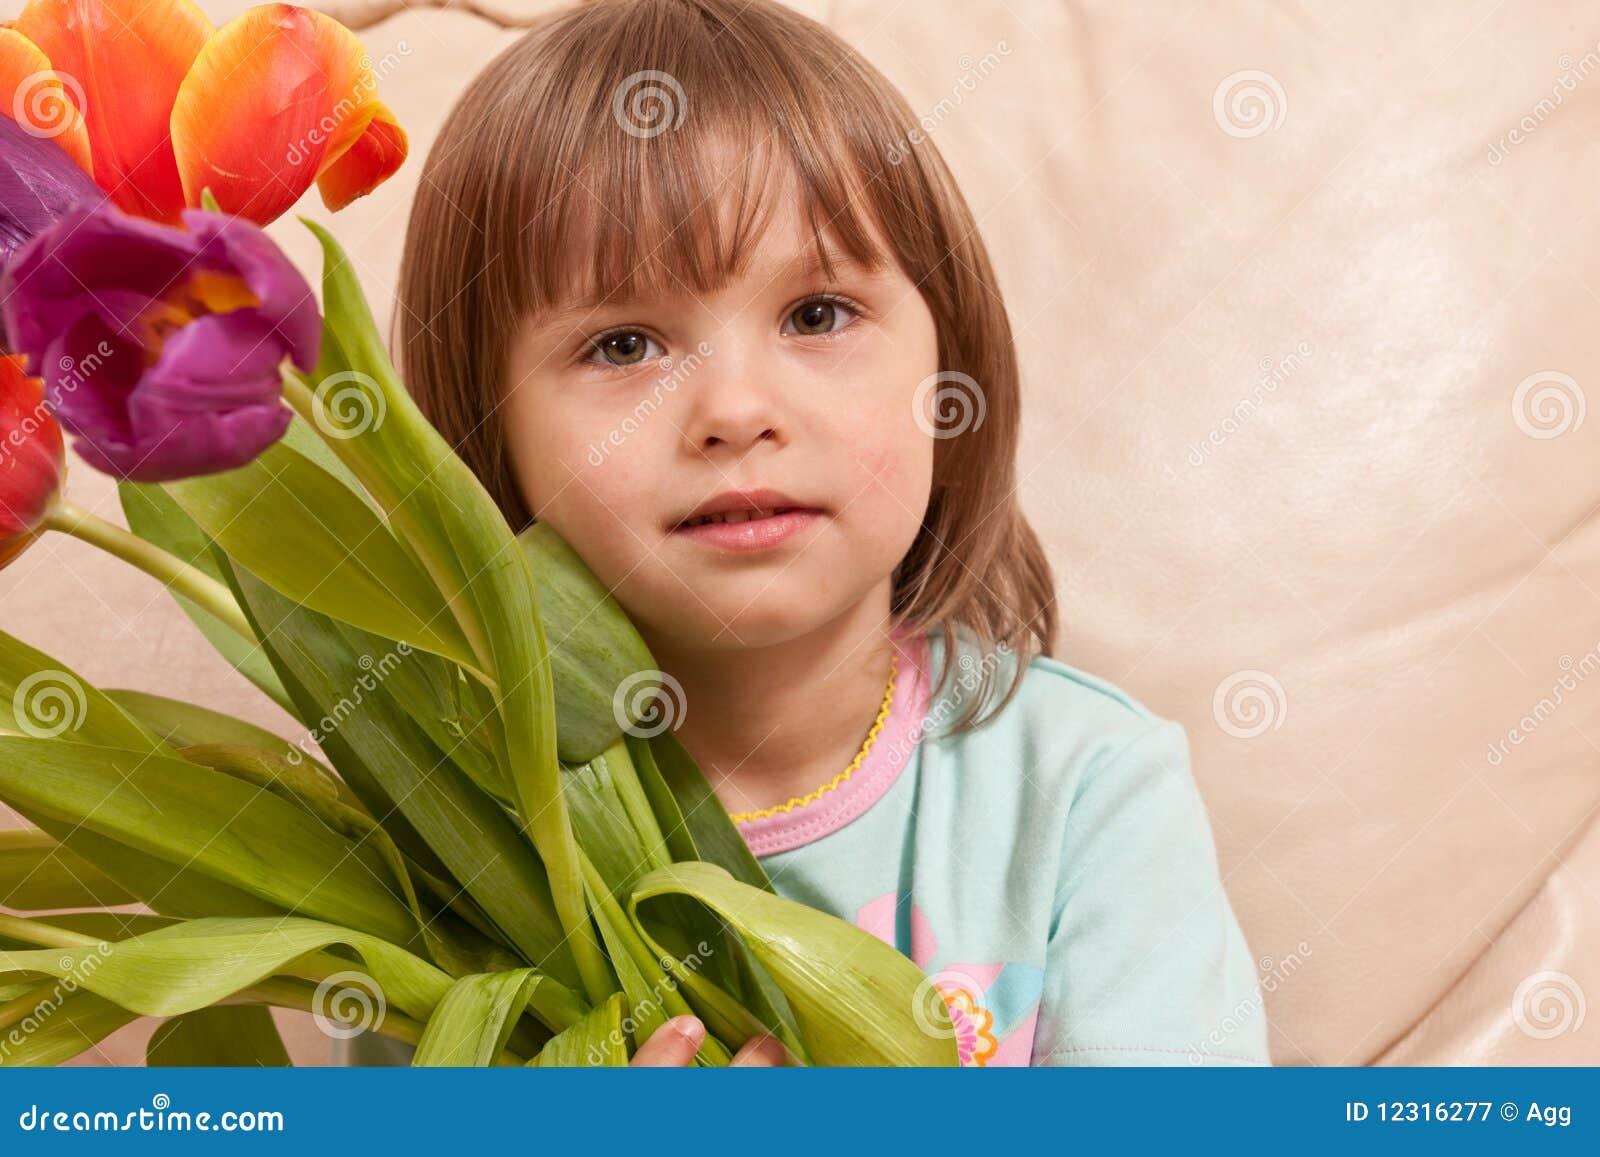 Скачать бесплатно фото девушки с тюльпанами